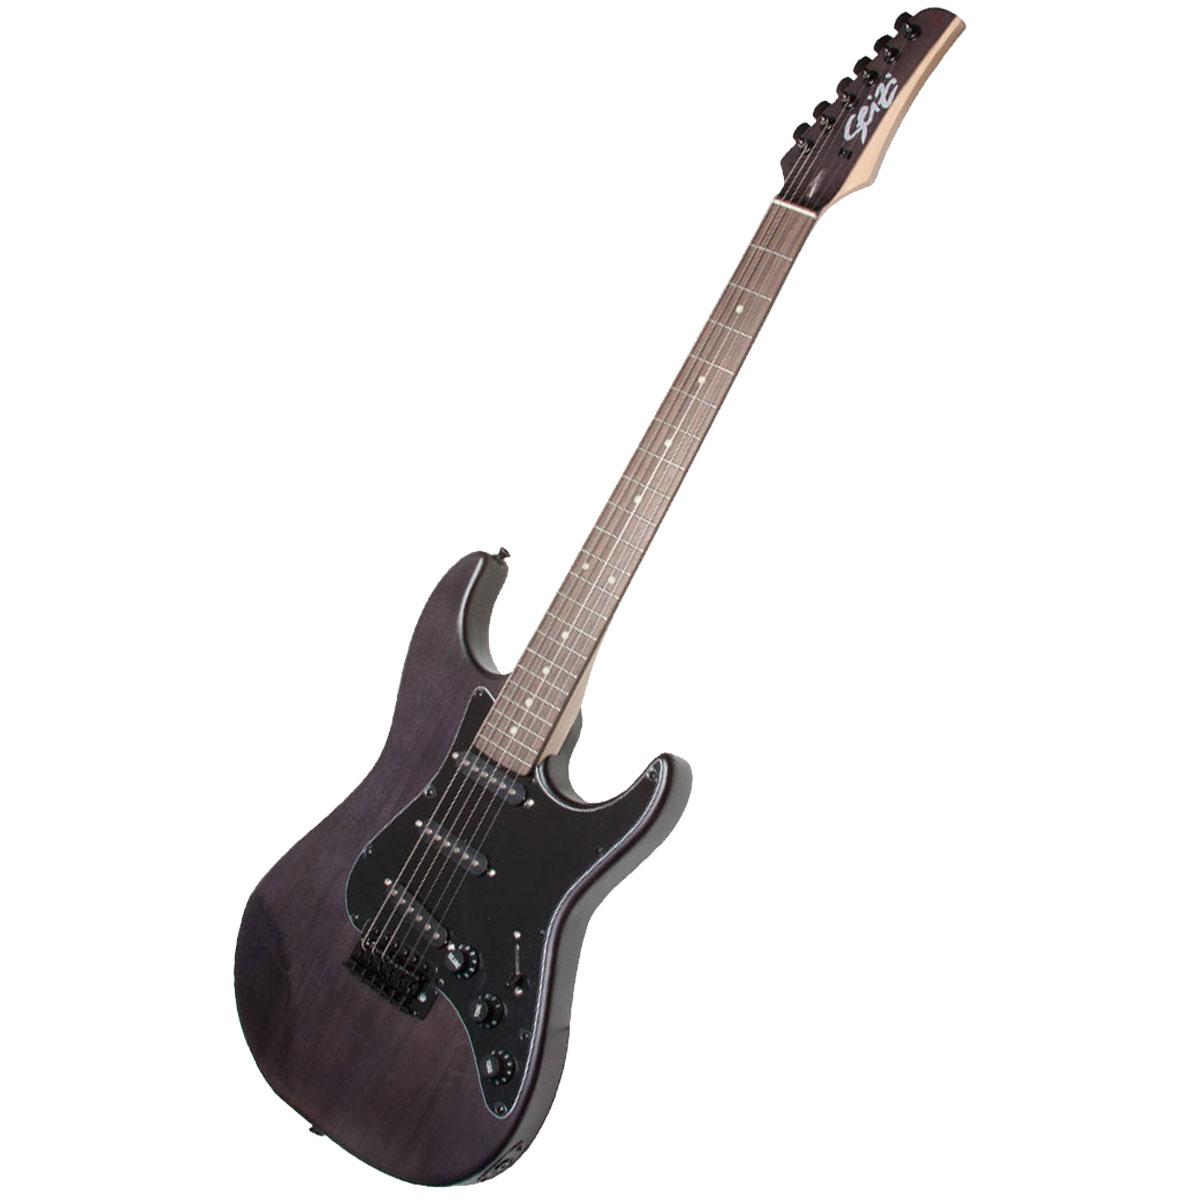 Guitarra Vision RW Satin Black c/ Escudo Preto - Seizi